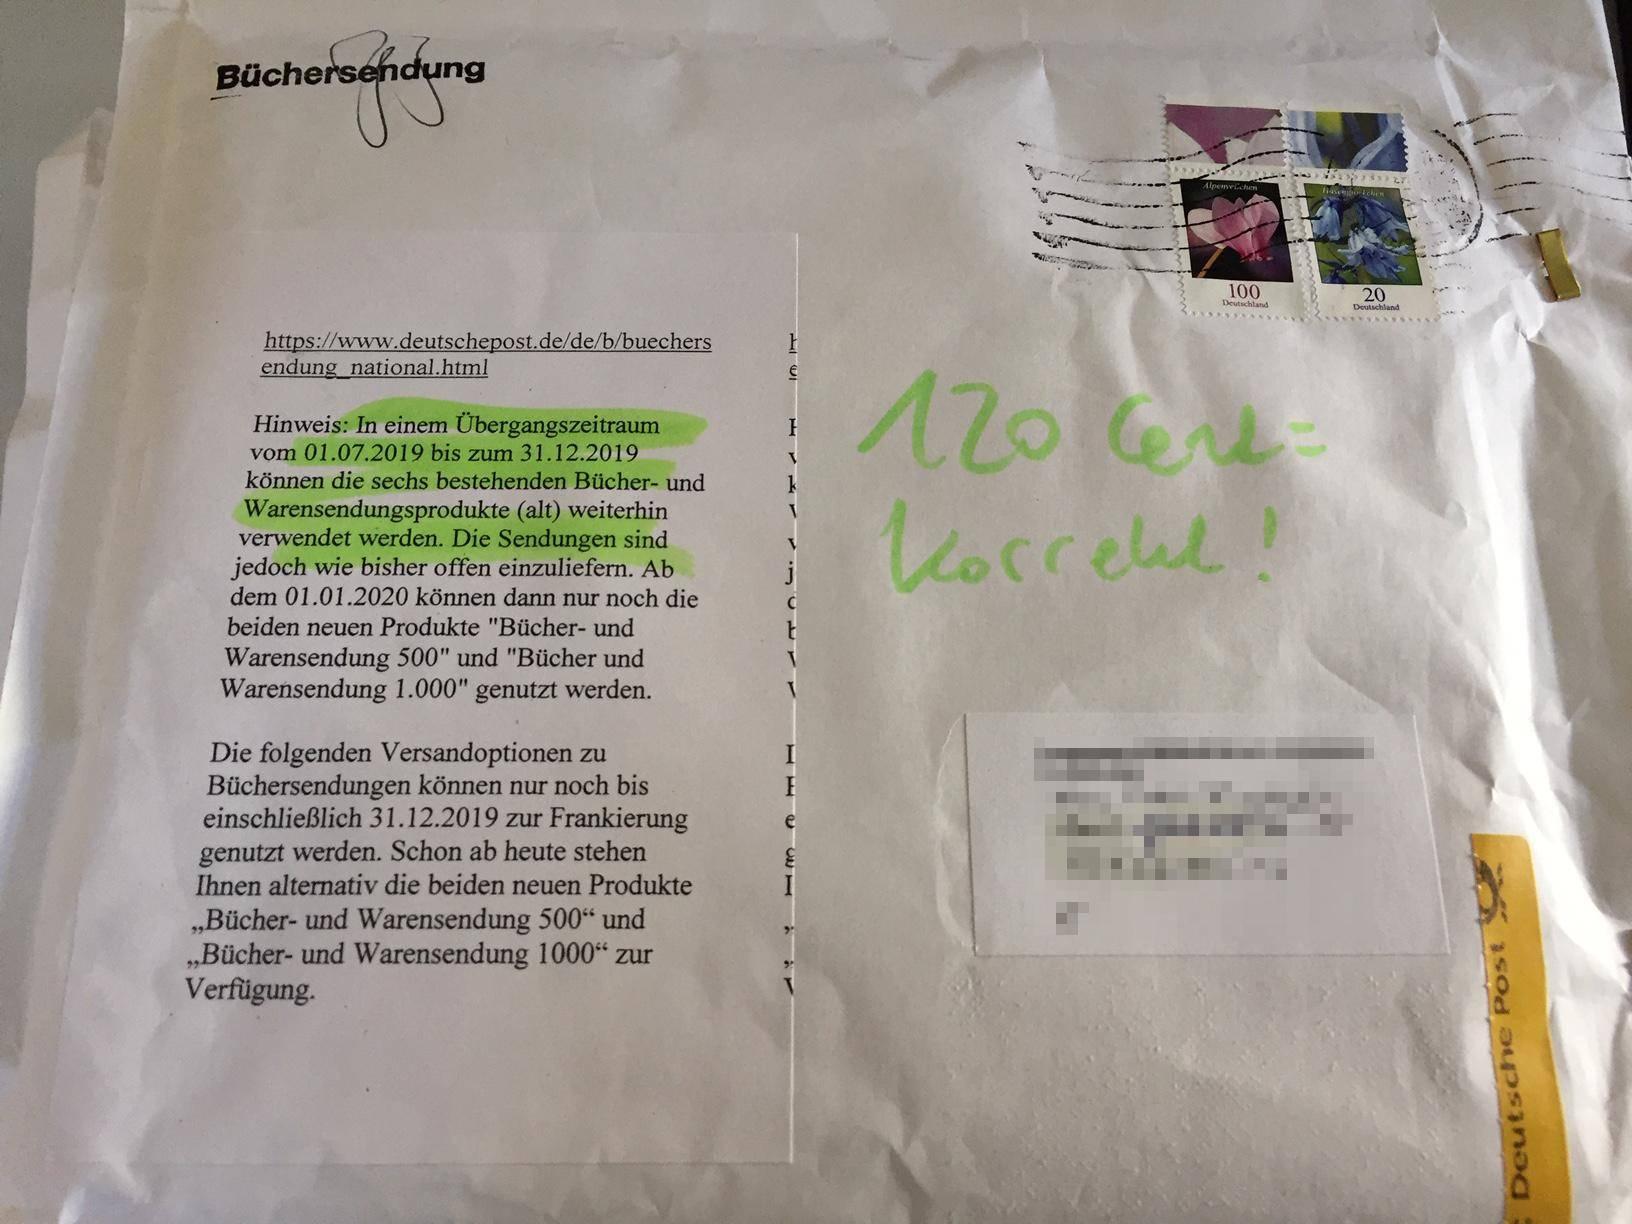 deutsche post bücher-/warensendung